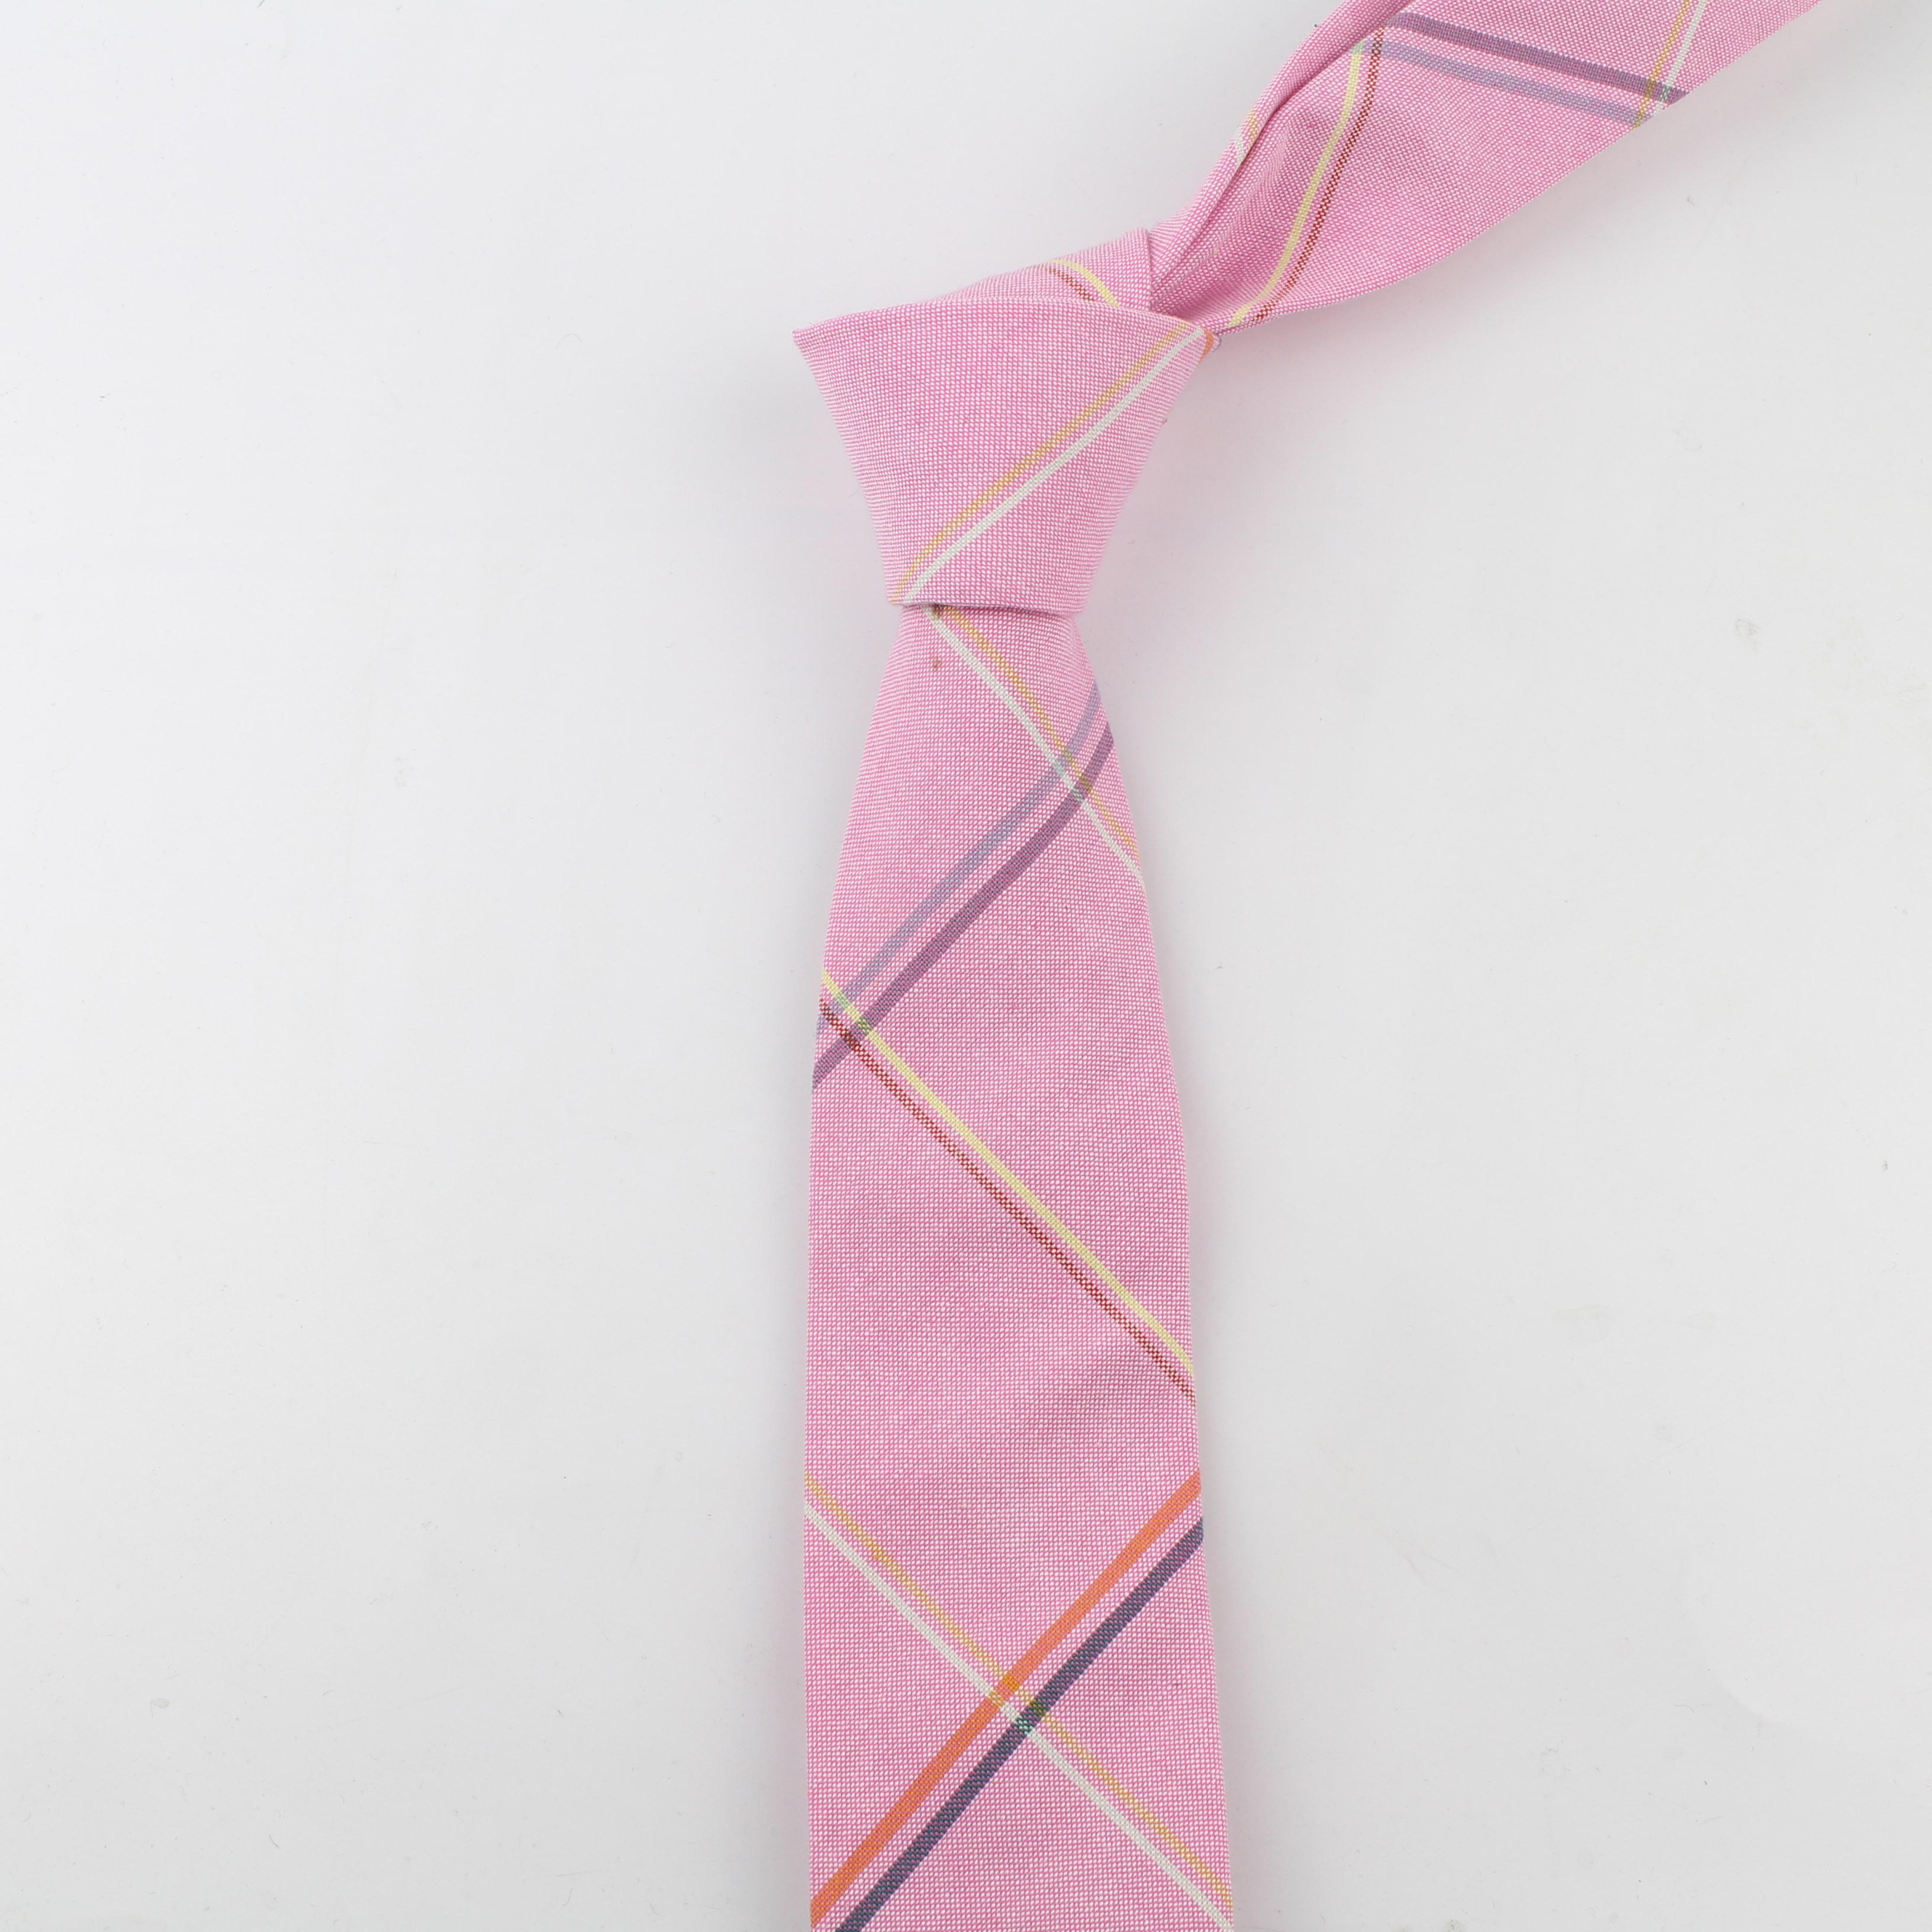 Мягкий мужской галстук в полоску из 100% хлопка яркий галстук в клетку искусственные тонкие галстуки мужской деловой маленький галстук дизайнерский галстук